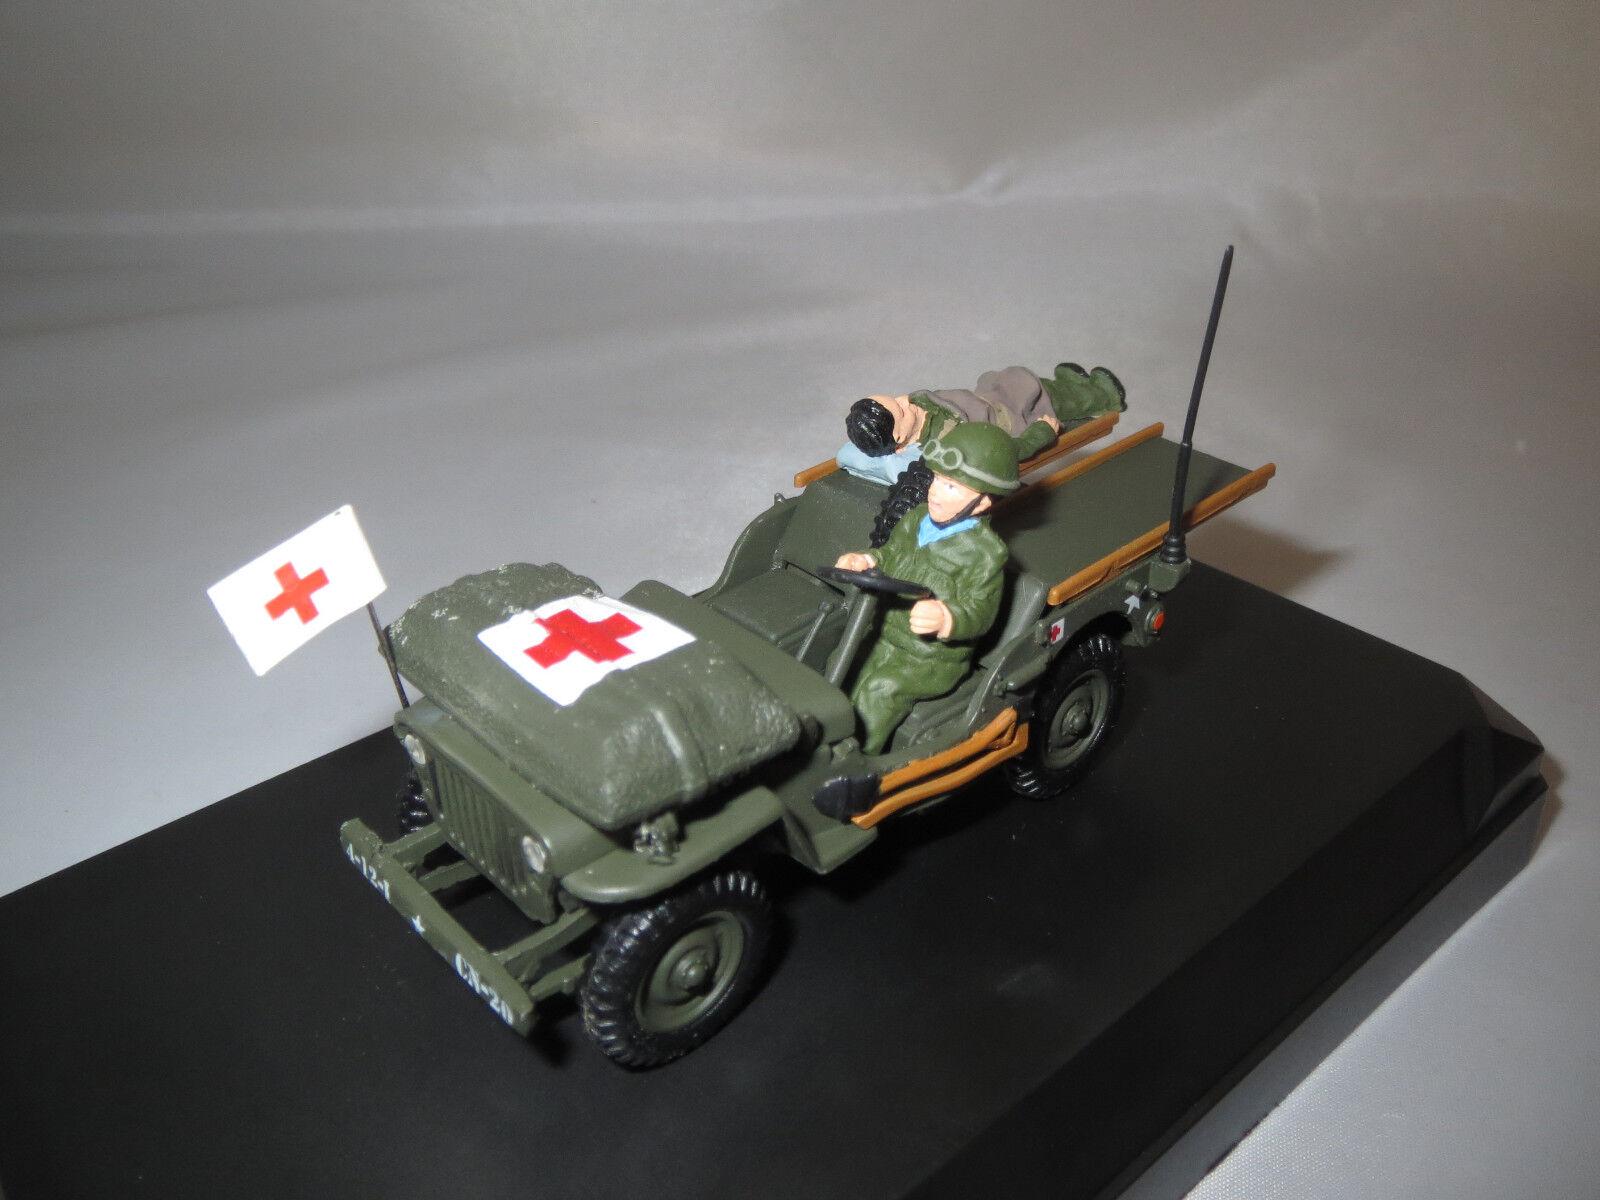 Ahorre 60% de descuento y envío rápido a todo el mundo. Victoria r028 Jeep Willys Ambulance U.S. U.S. U.S. Army normandy  1944  1 43 original   al precio mas bajo